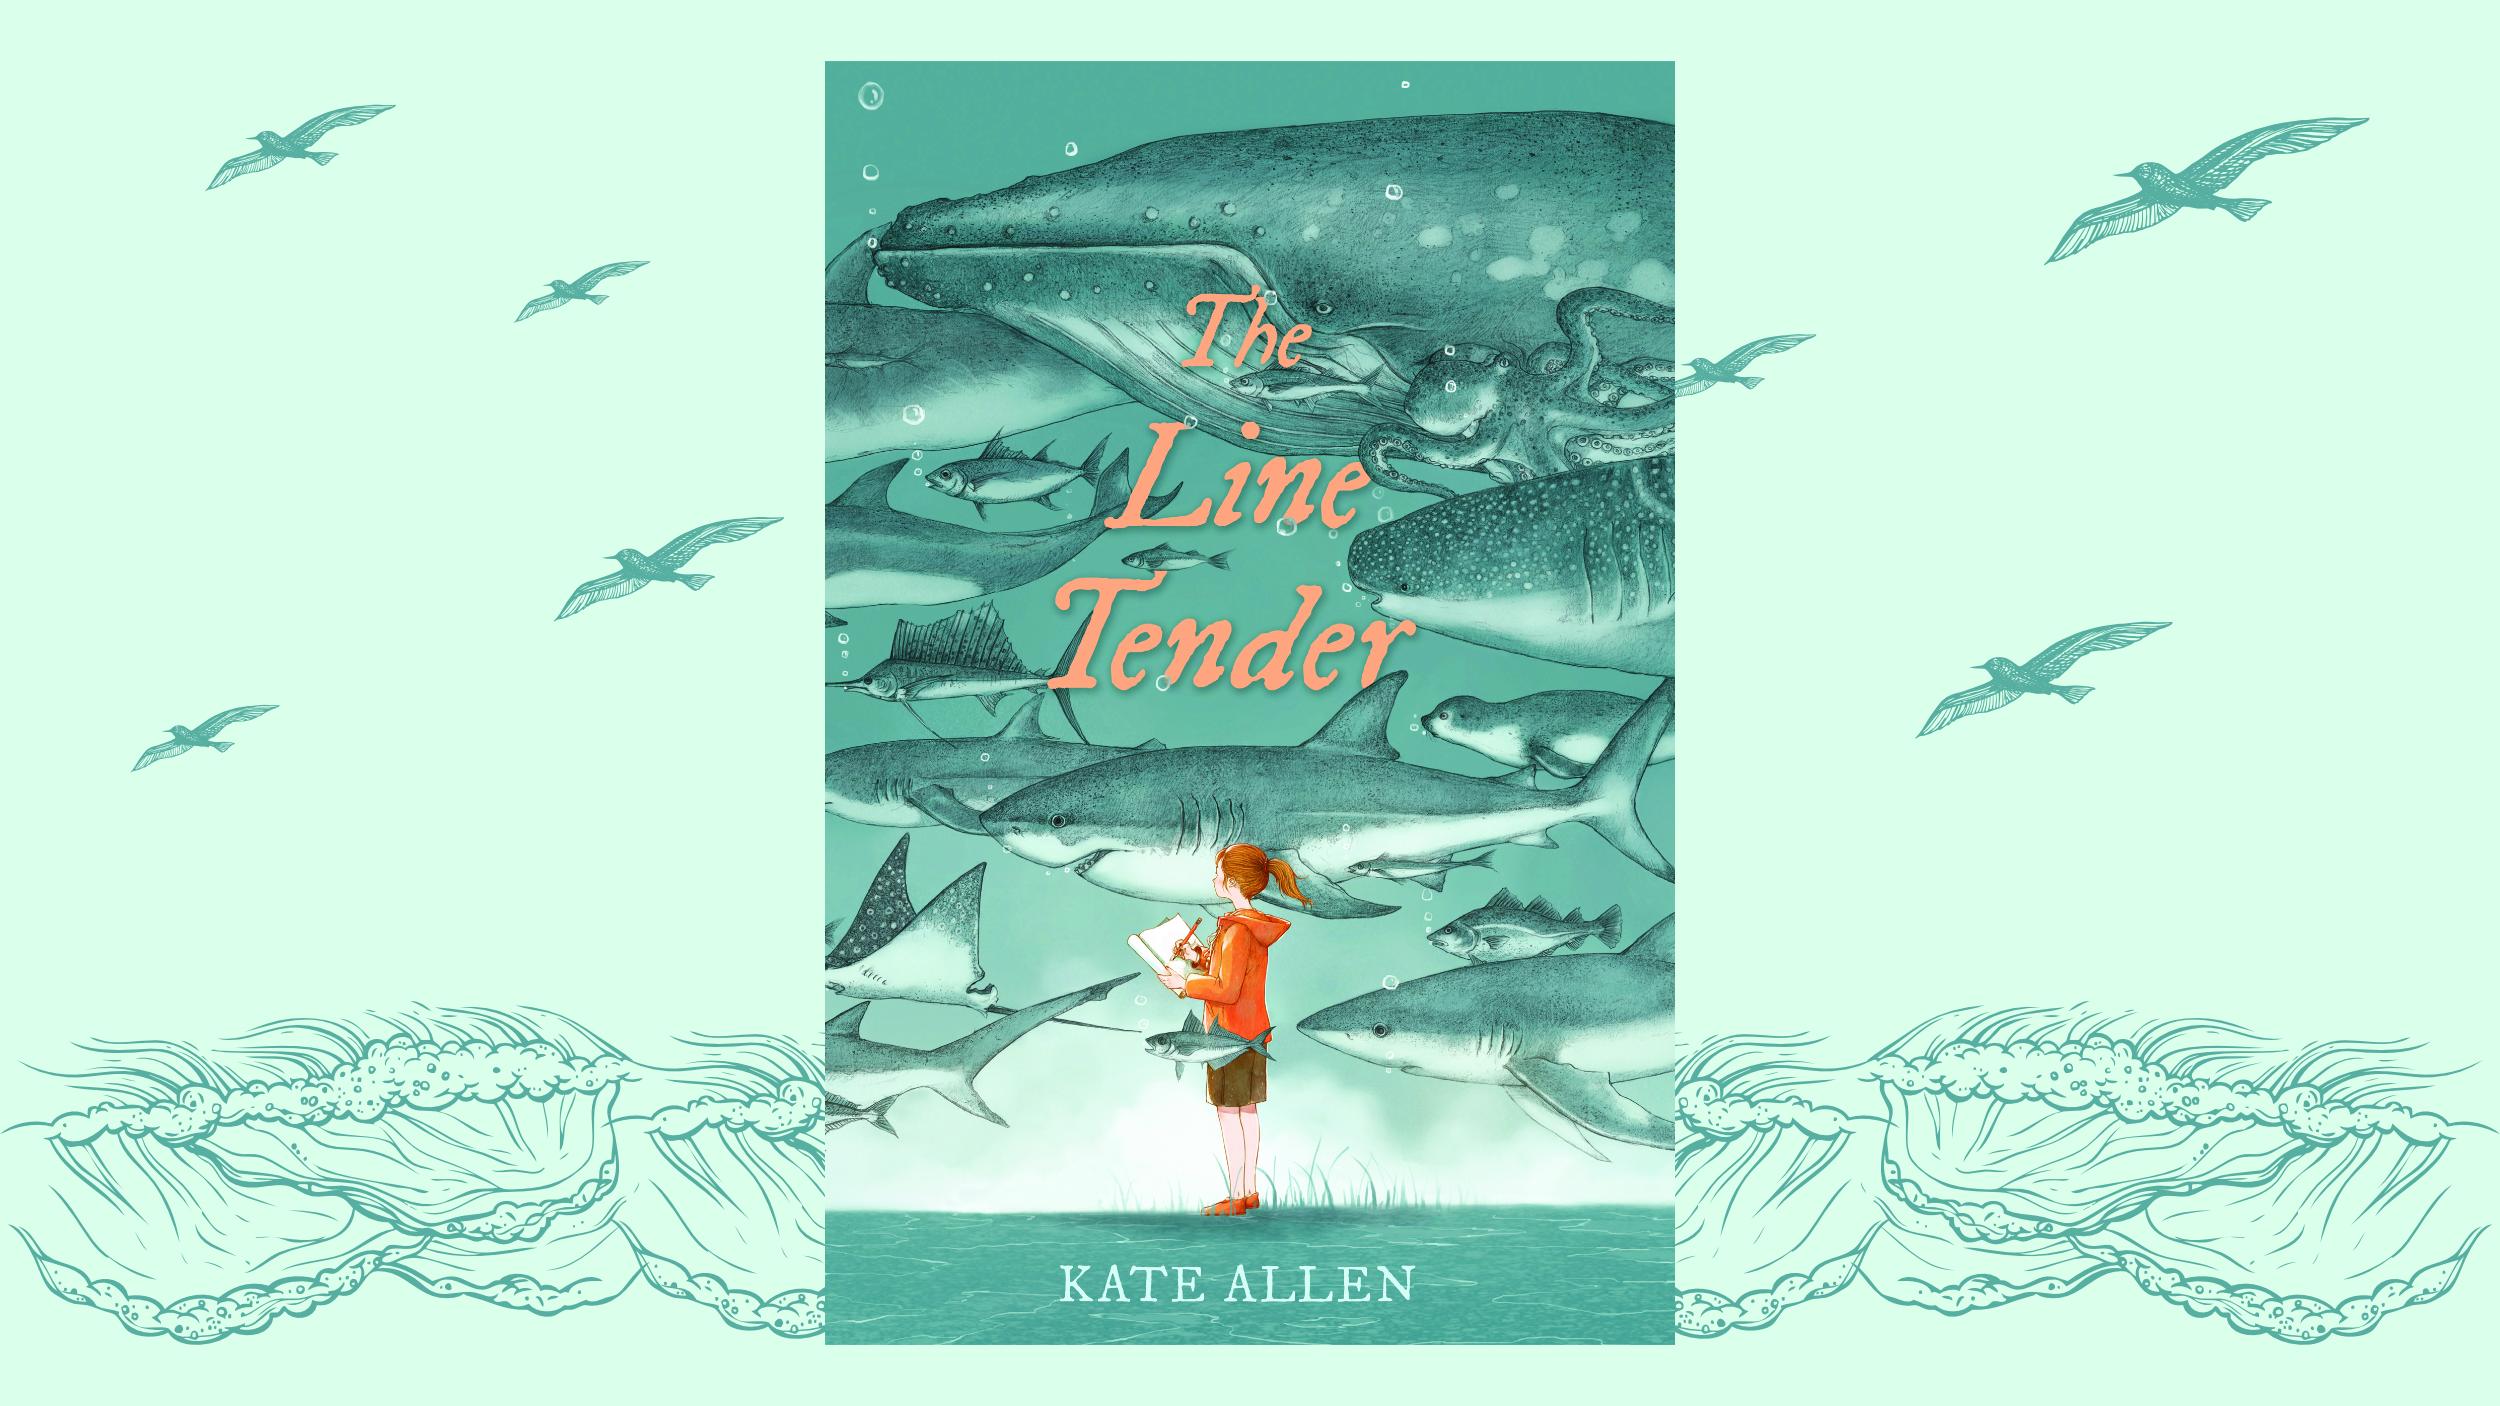 Kate-allen-line-tender-banner.jpg